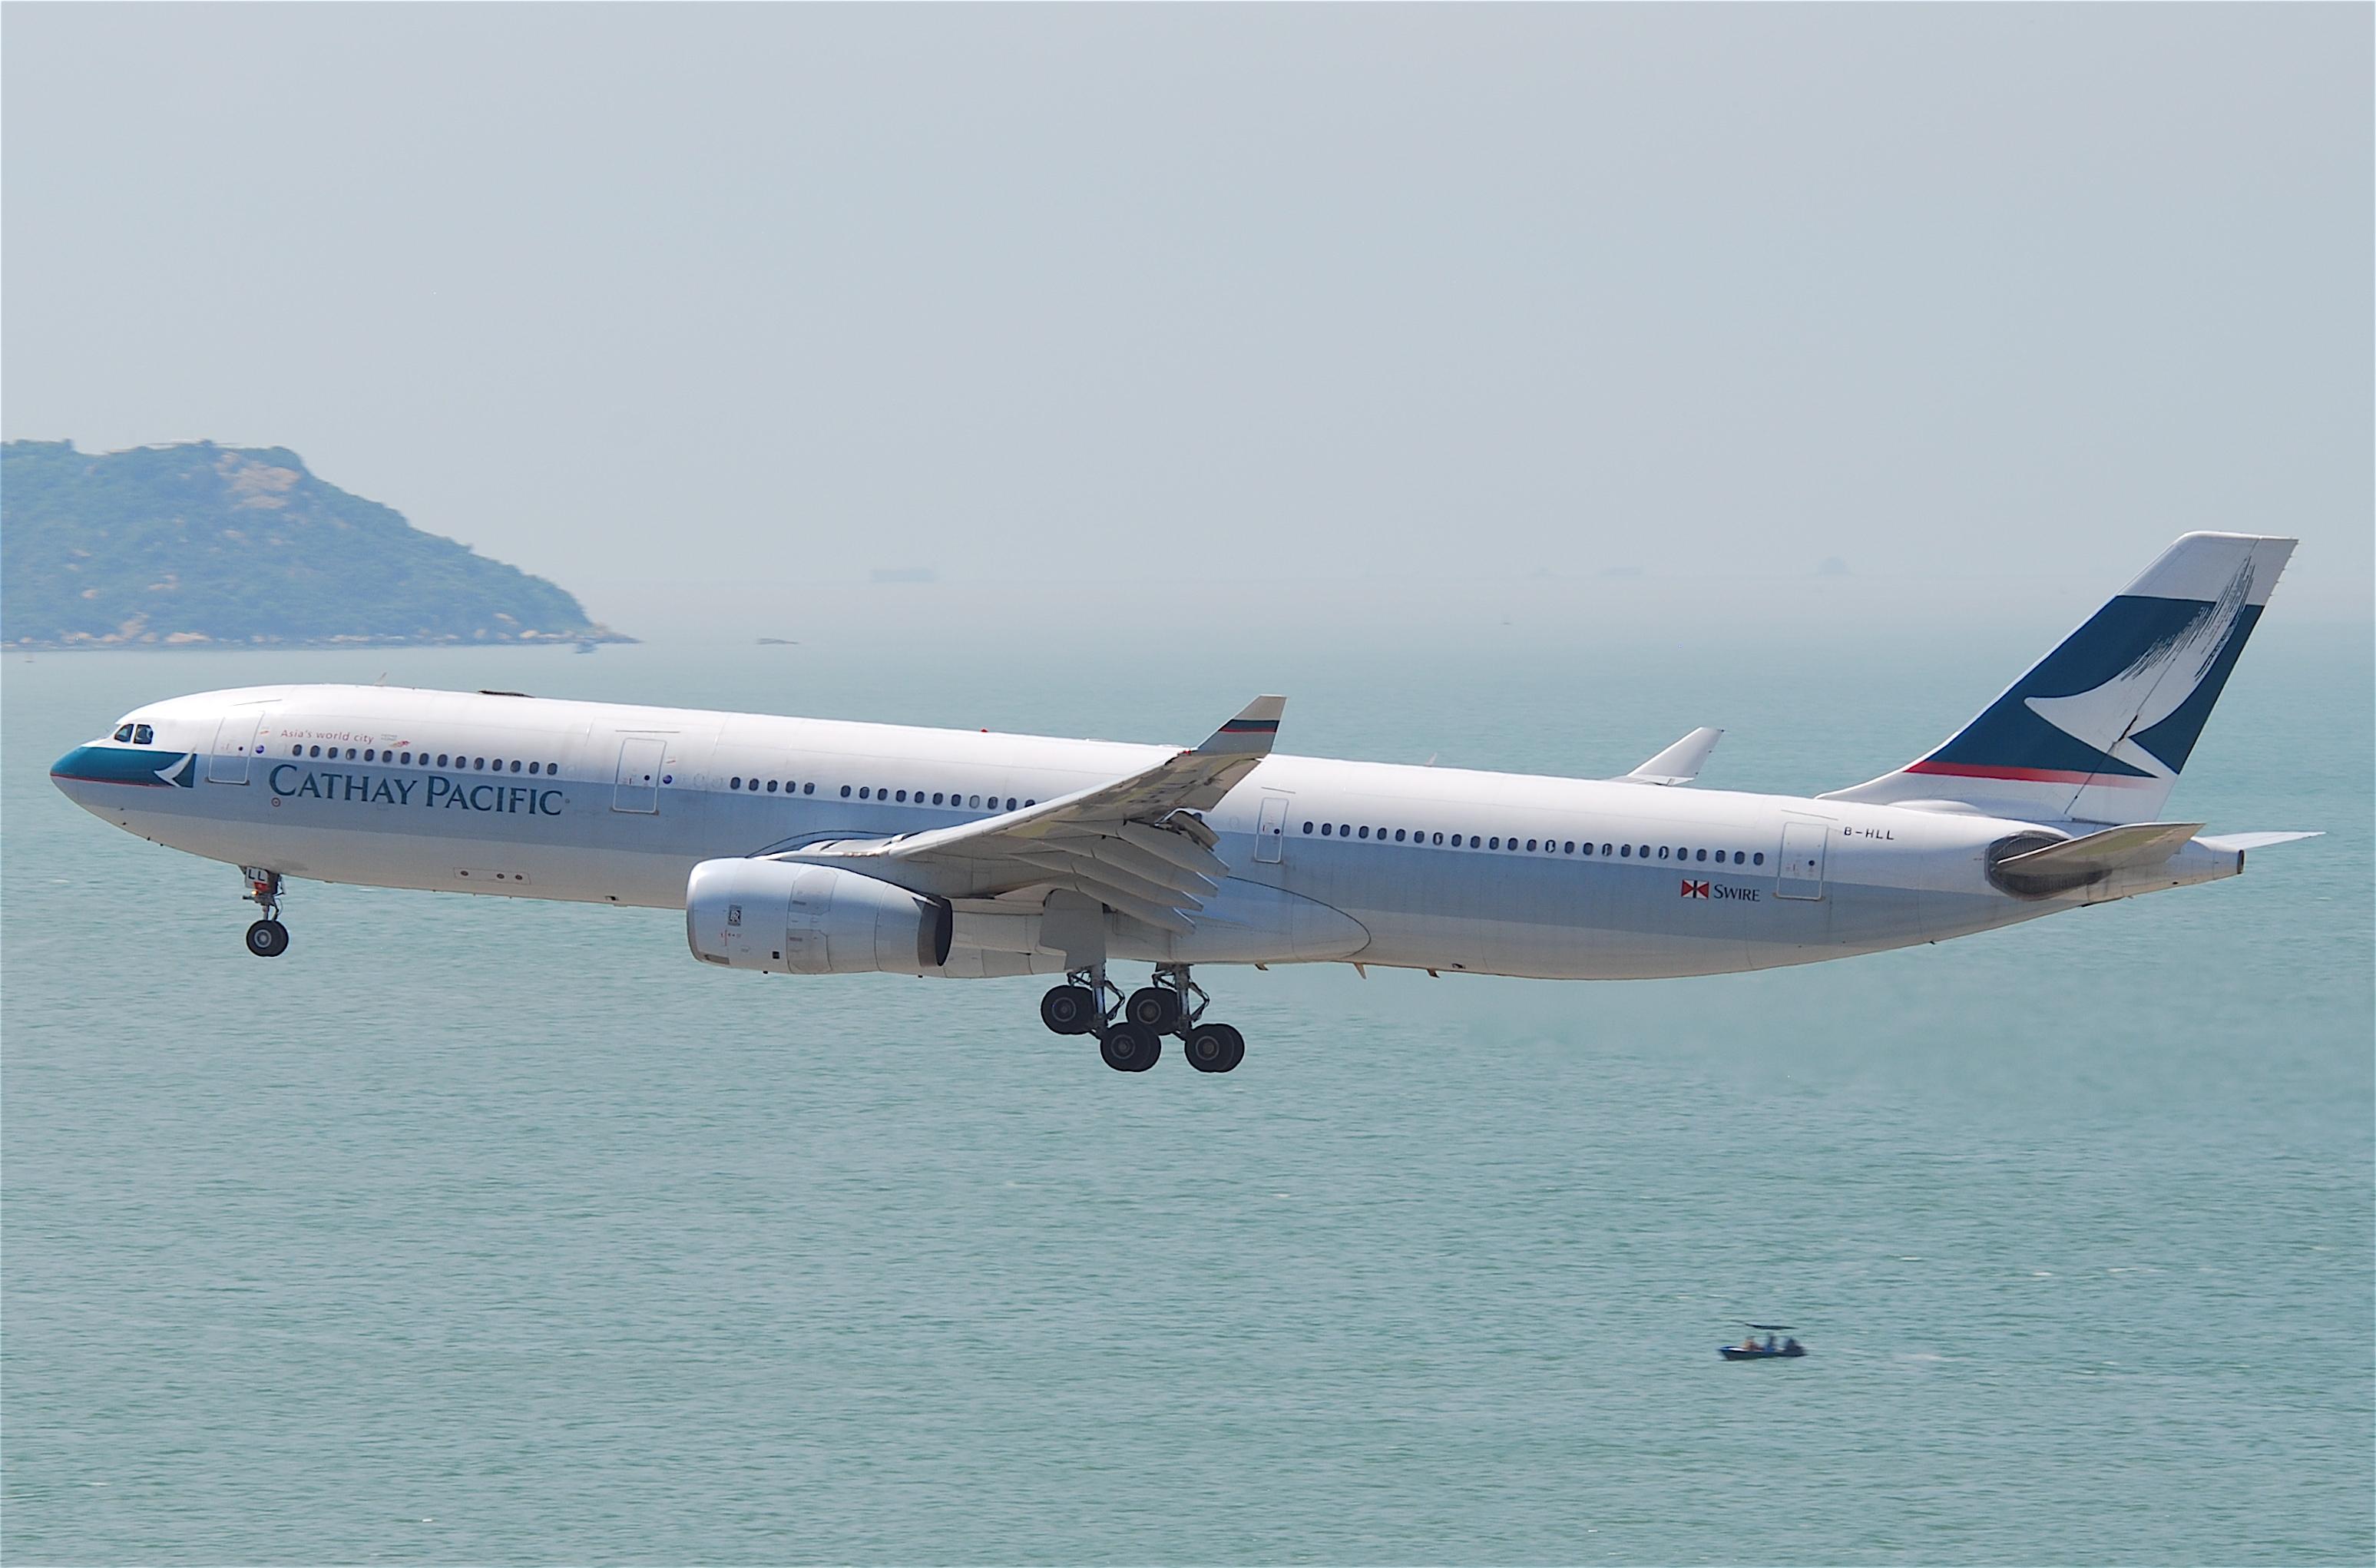 En Airbus A330 fra Cathay Pacific. Foto: Aero Icarus